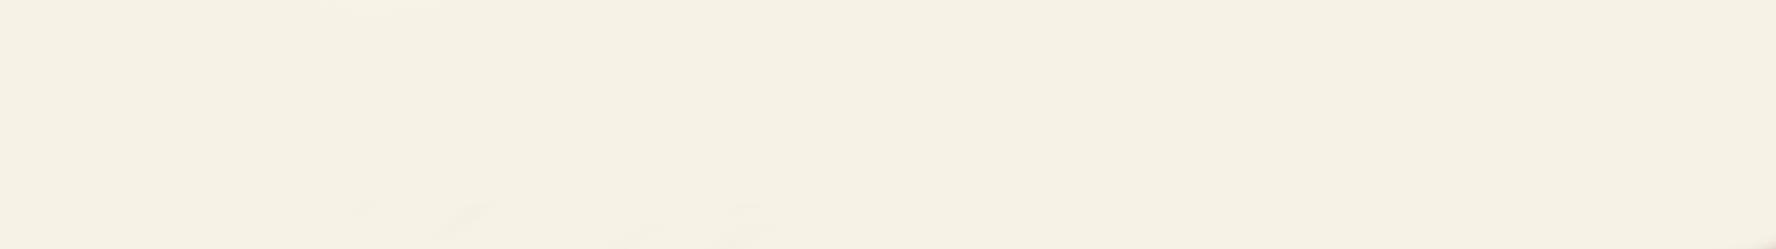 Screenshot 2020-08-25 at 17.39.54.png